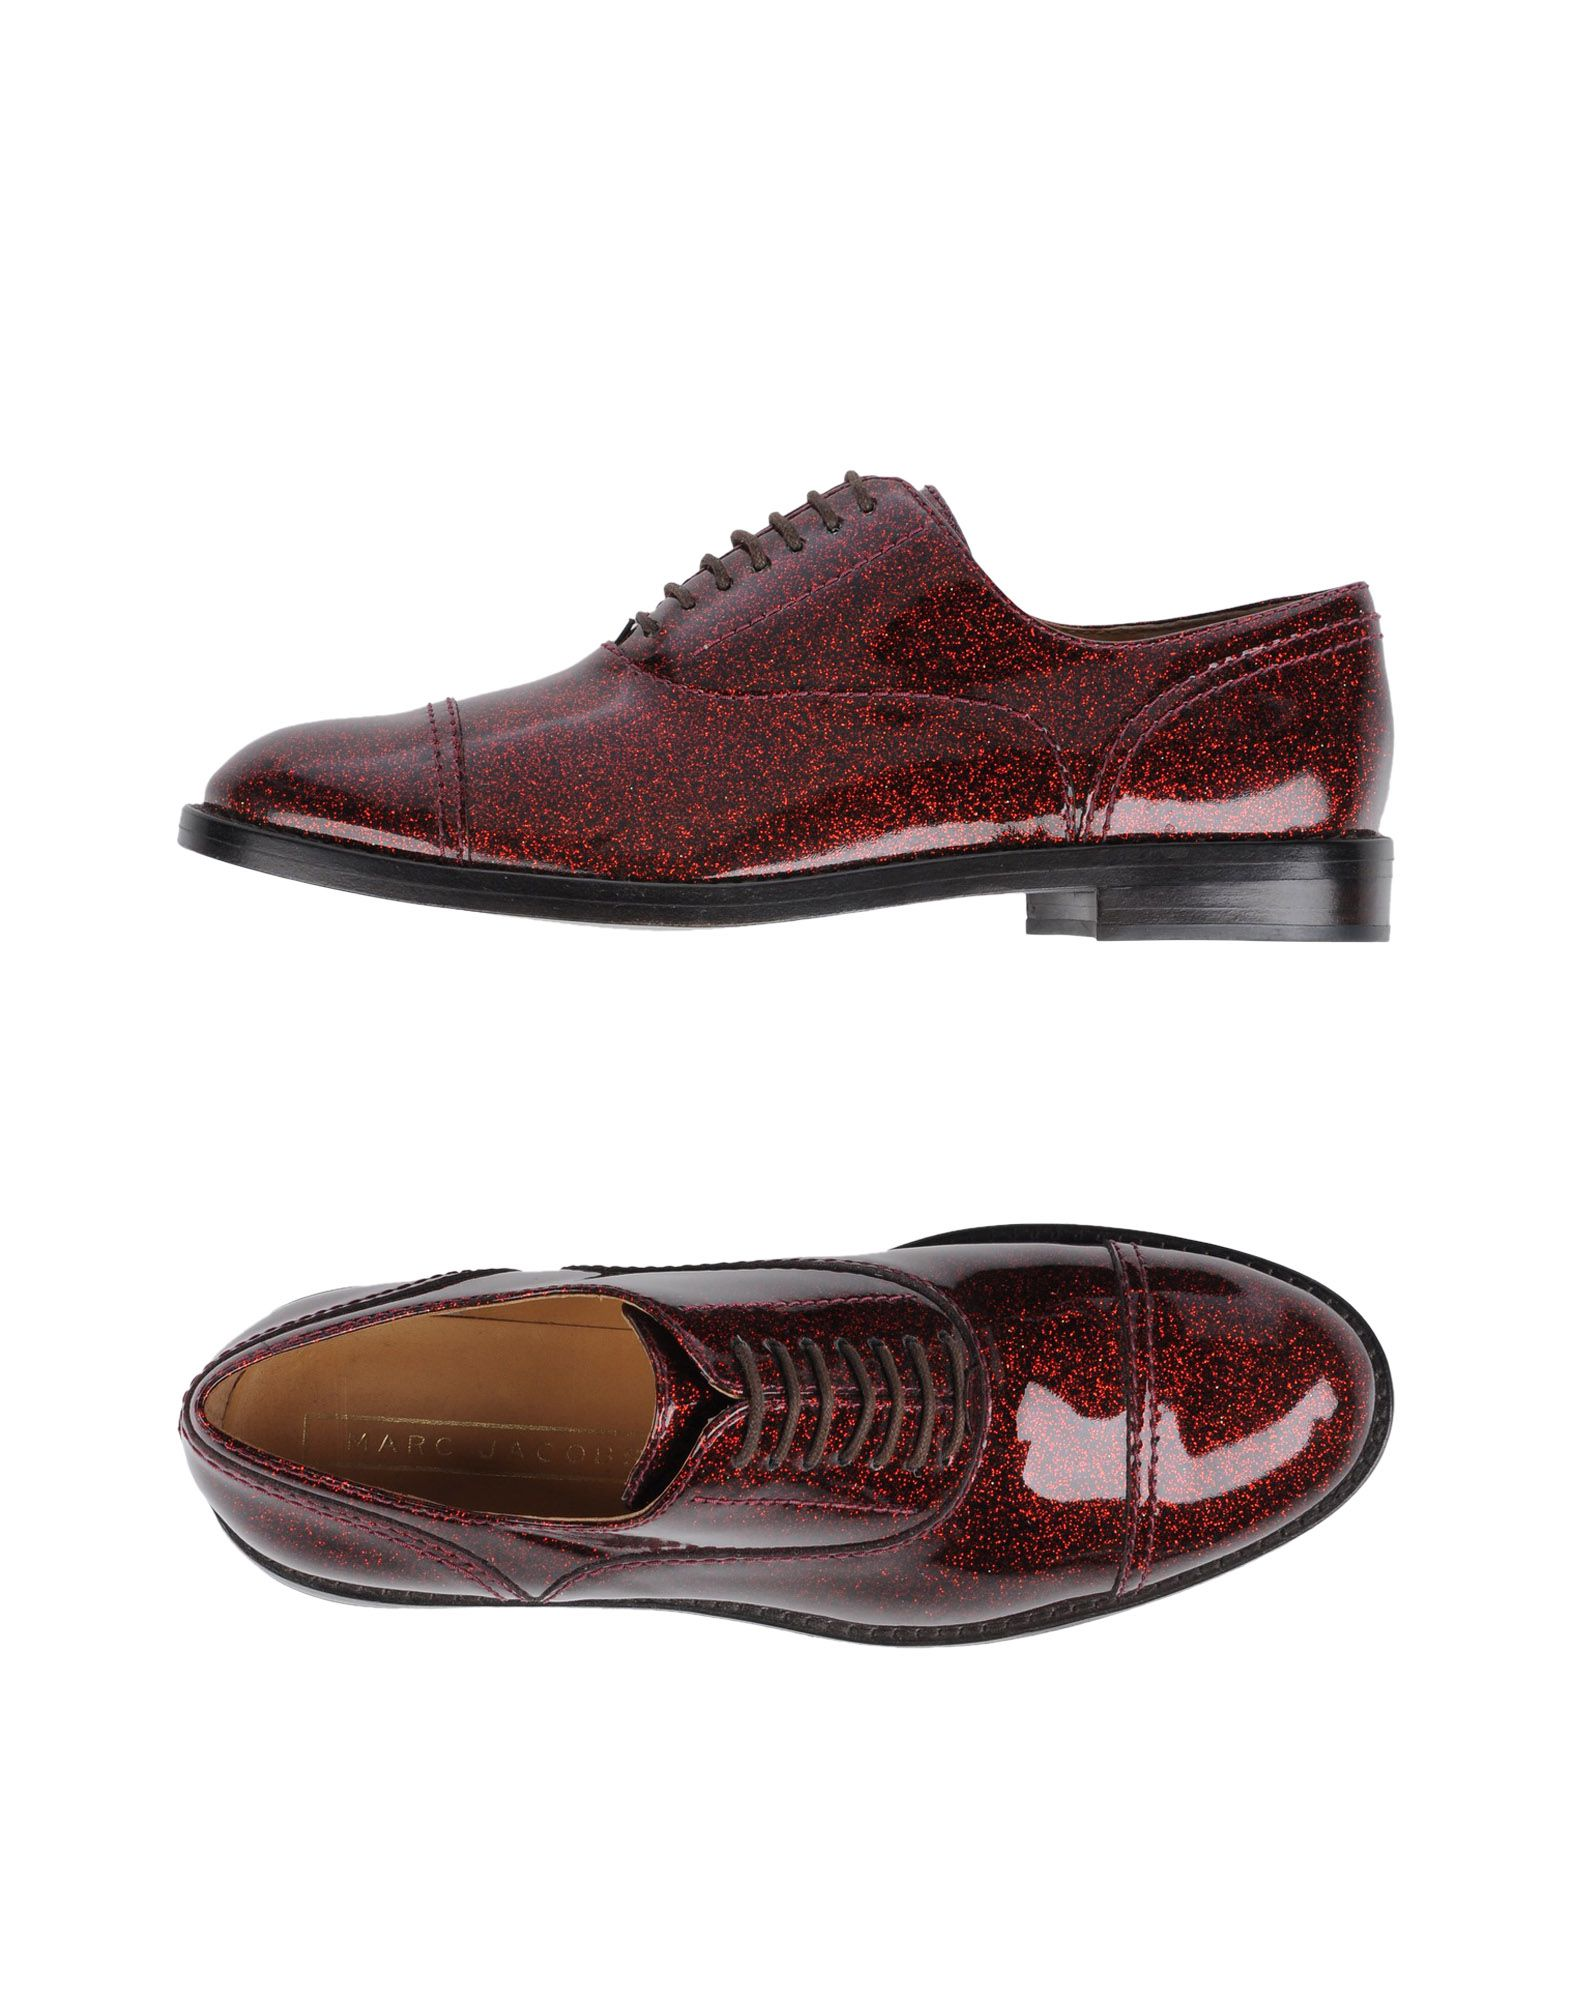 Marc Jacobs Schnürschuhe Damen  11306642TPGut aussehende strapazierfähige Schuhe